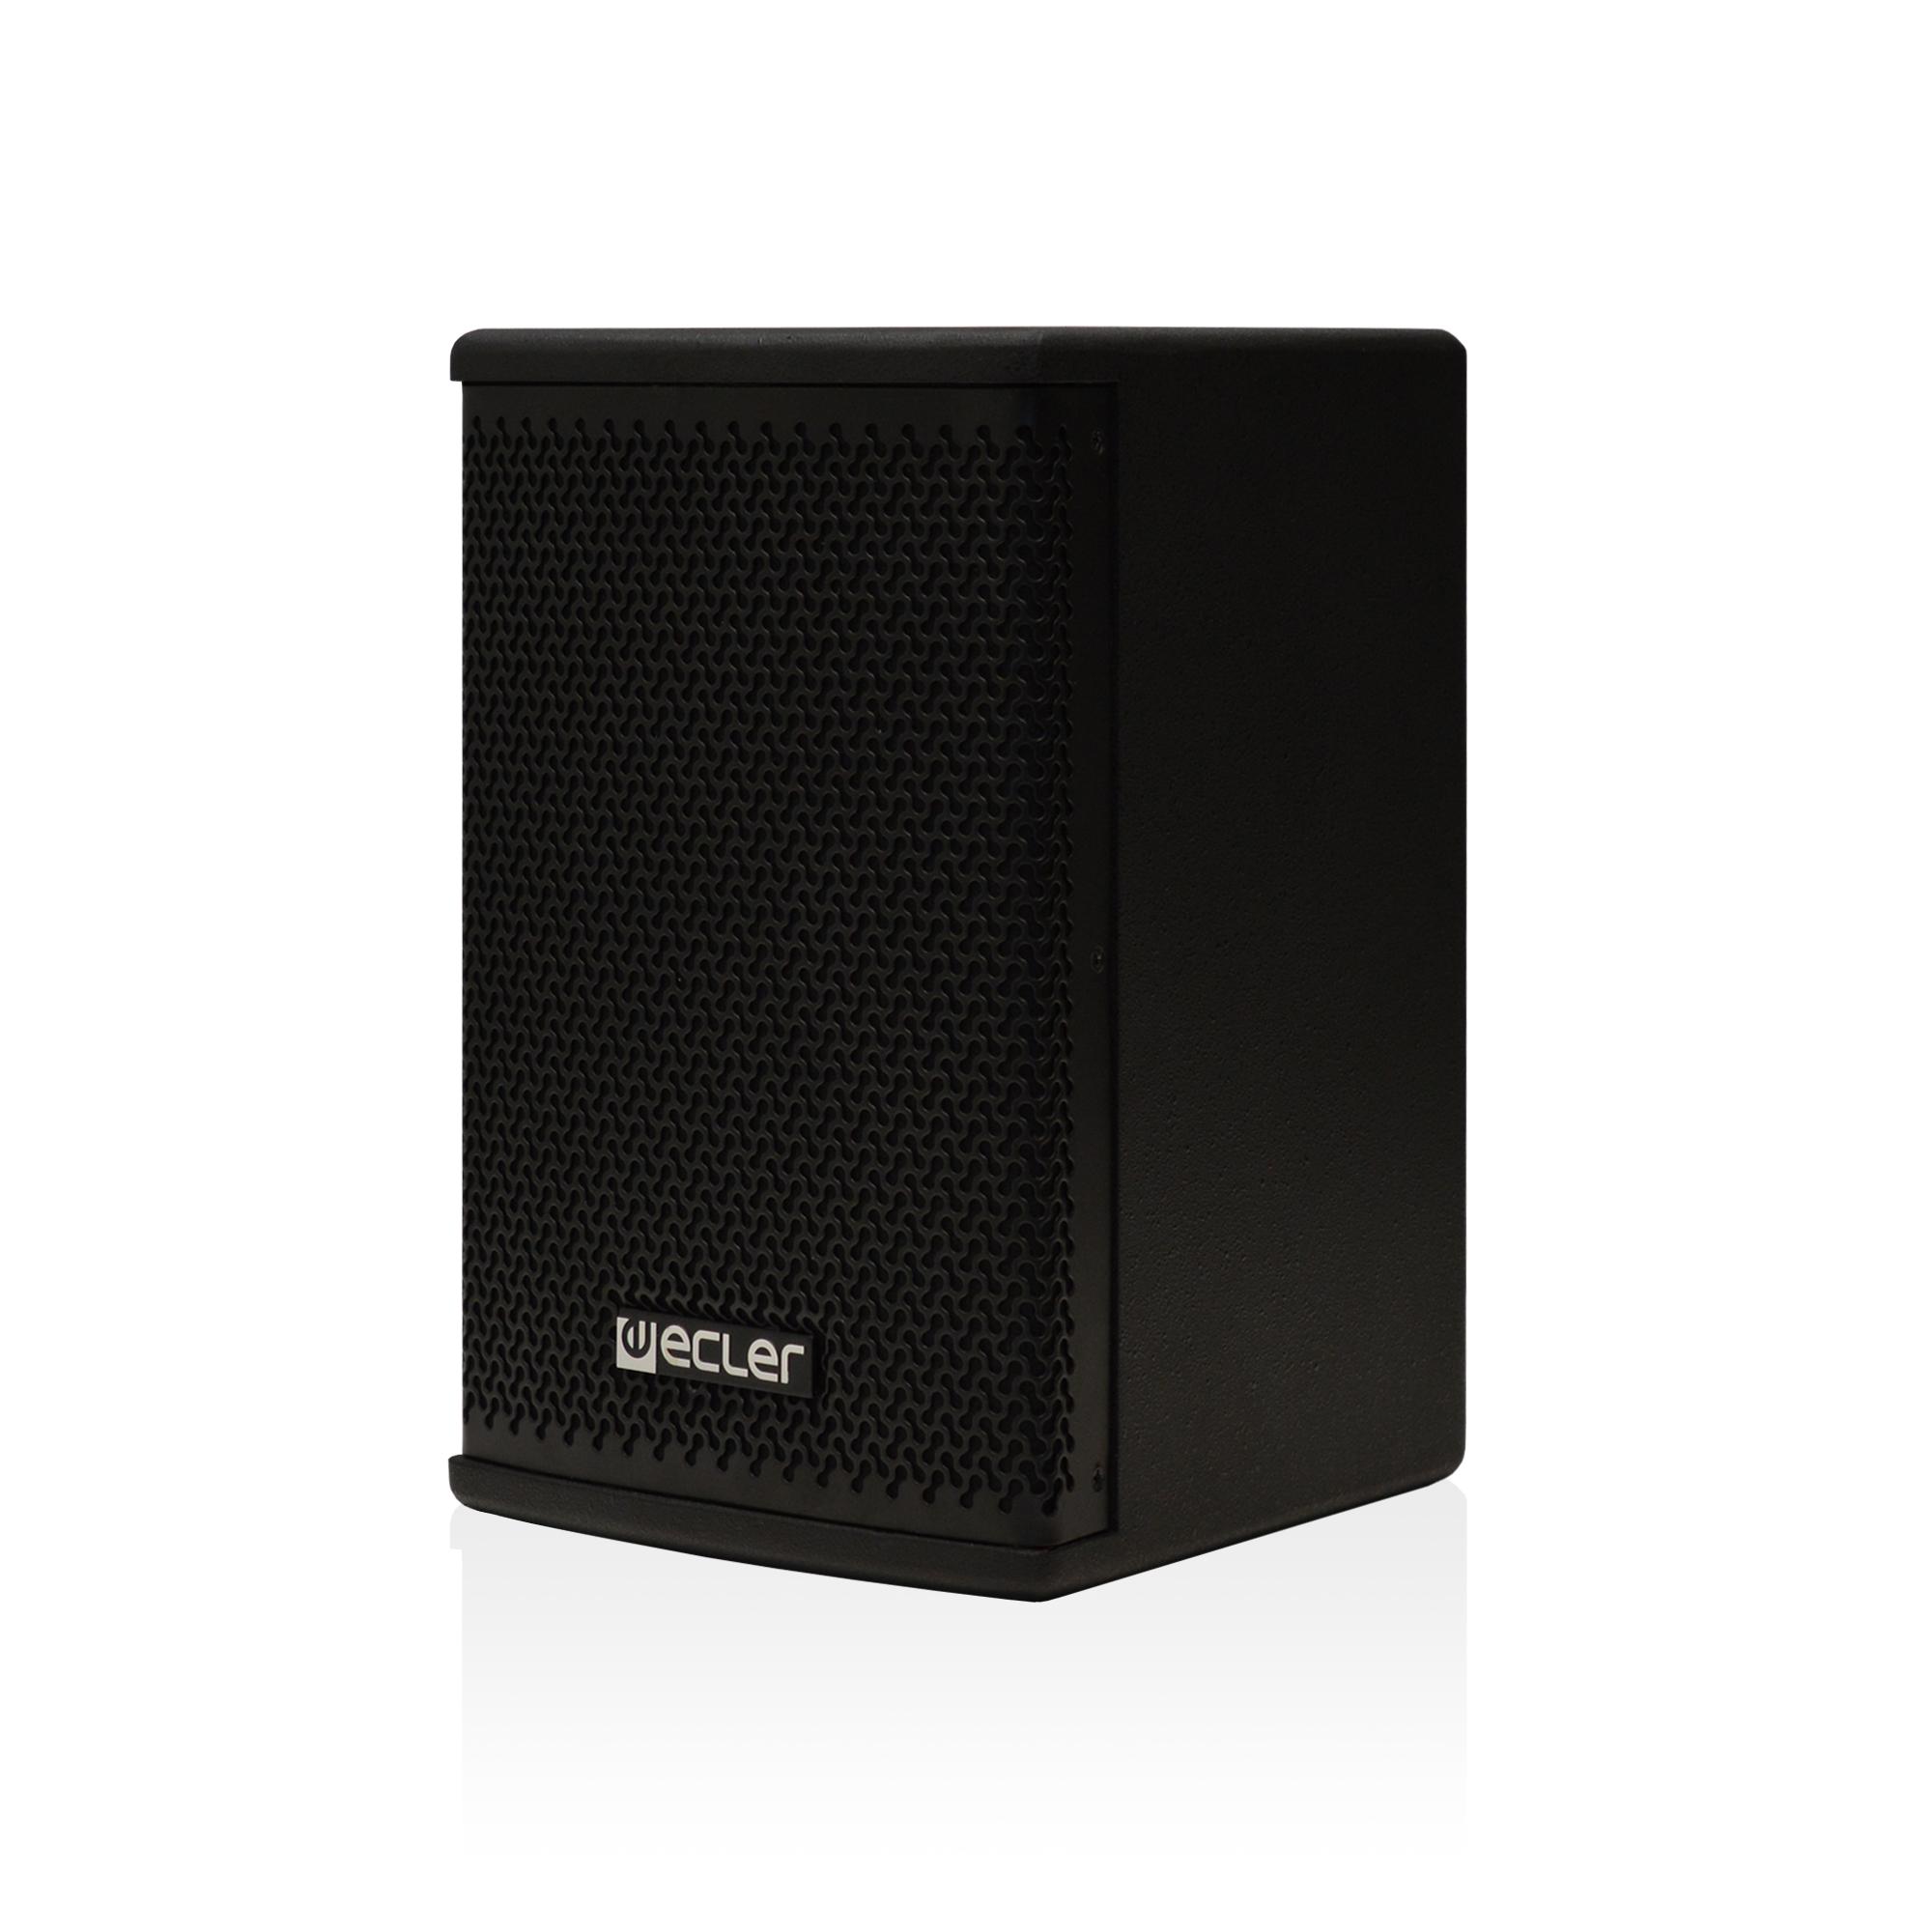 ecler-premium-loudspeaker-ARQIS-105BK-persp.jpg